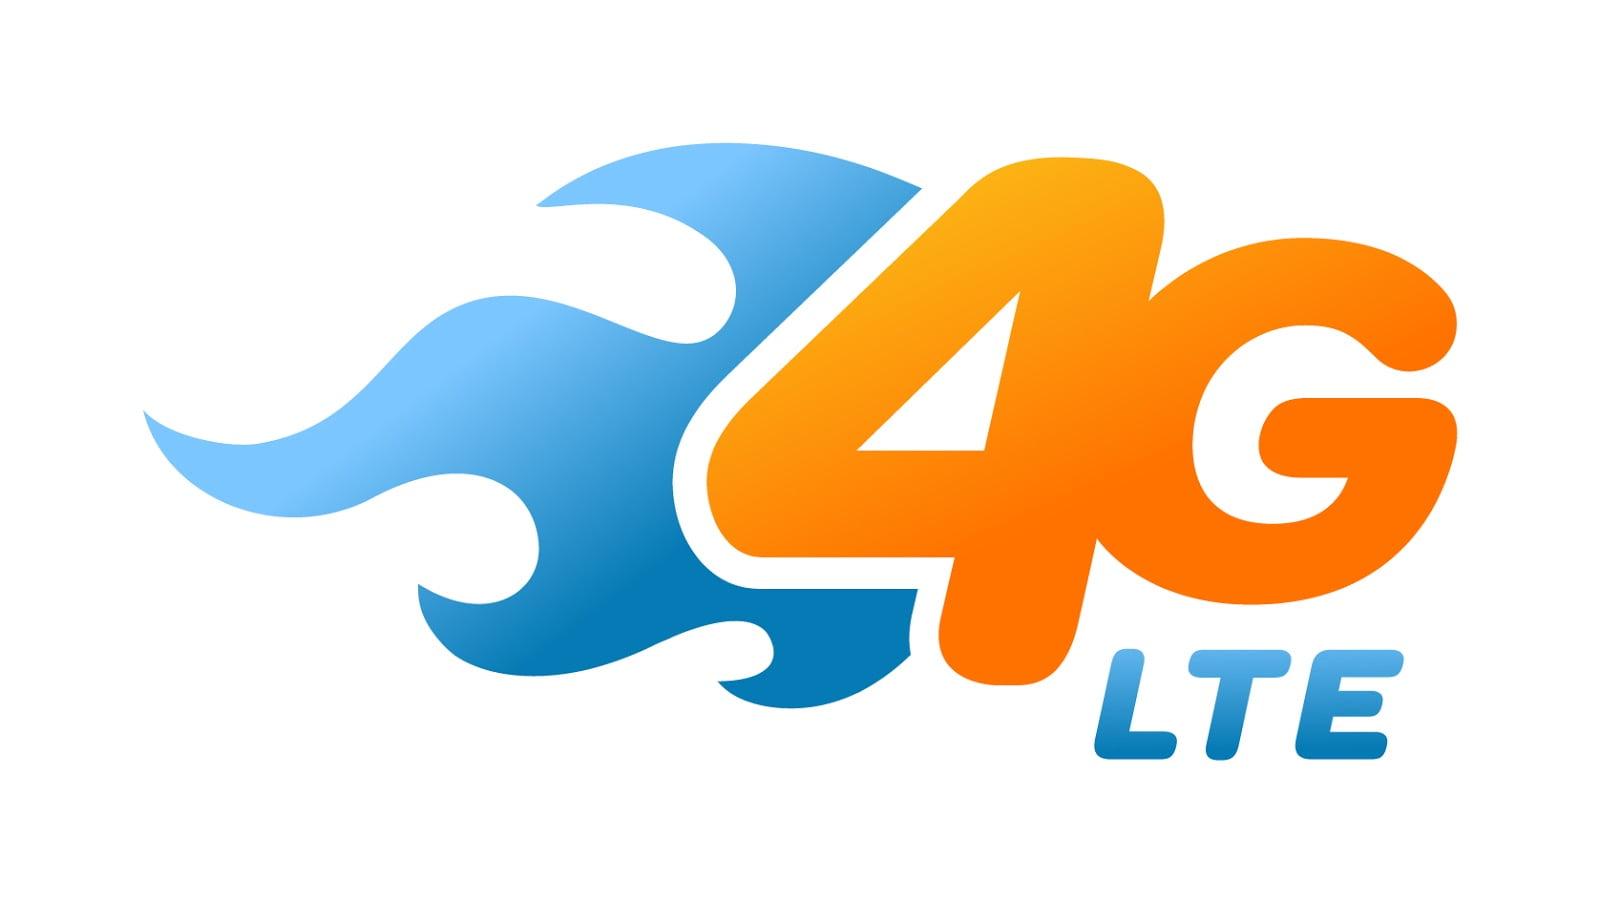 Những lưu ý mà bạn nên biết khi đăng ký 4G Viettel 1 ngày